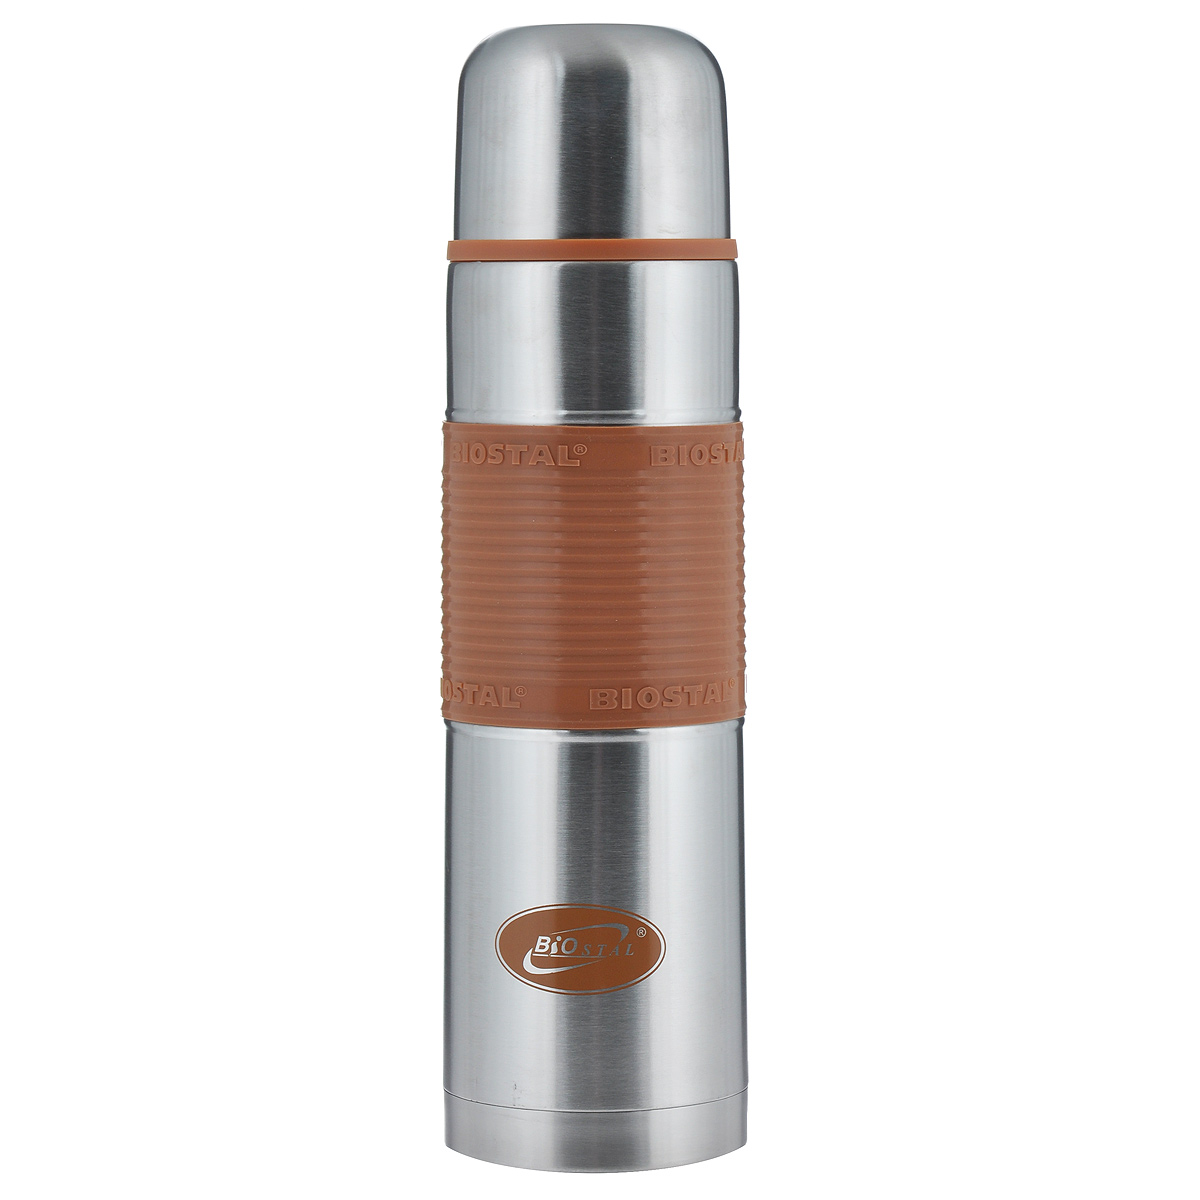 """Термос с узким горлом BIOSTAL """"Fler"""", изготовленный из высококачественной нержавеющей стали, относится к классической серии. Термосы этой серии, являющейся лидером продаж, просты в использовании, экономичны и многофункциональны. Термос предназначен для хранения горячих и холодных напитков (чая, кофе) и укомплектован пробкой с кнопкой. Такая пробка удобна в использовании и позволяет, не отвинчивая ее, наливать напитки после простого нажатия. Изделие также оснащено крышкой-чашкой и удобной цветной силиконовой вставкой. Легкий и прочный термос BIOSTAL """"Fler"""" сохранит ваши напитки горячими или холодными надолго."""